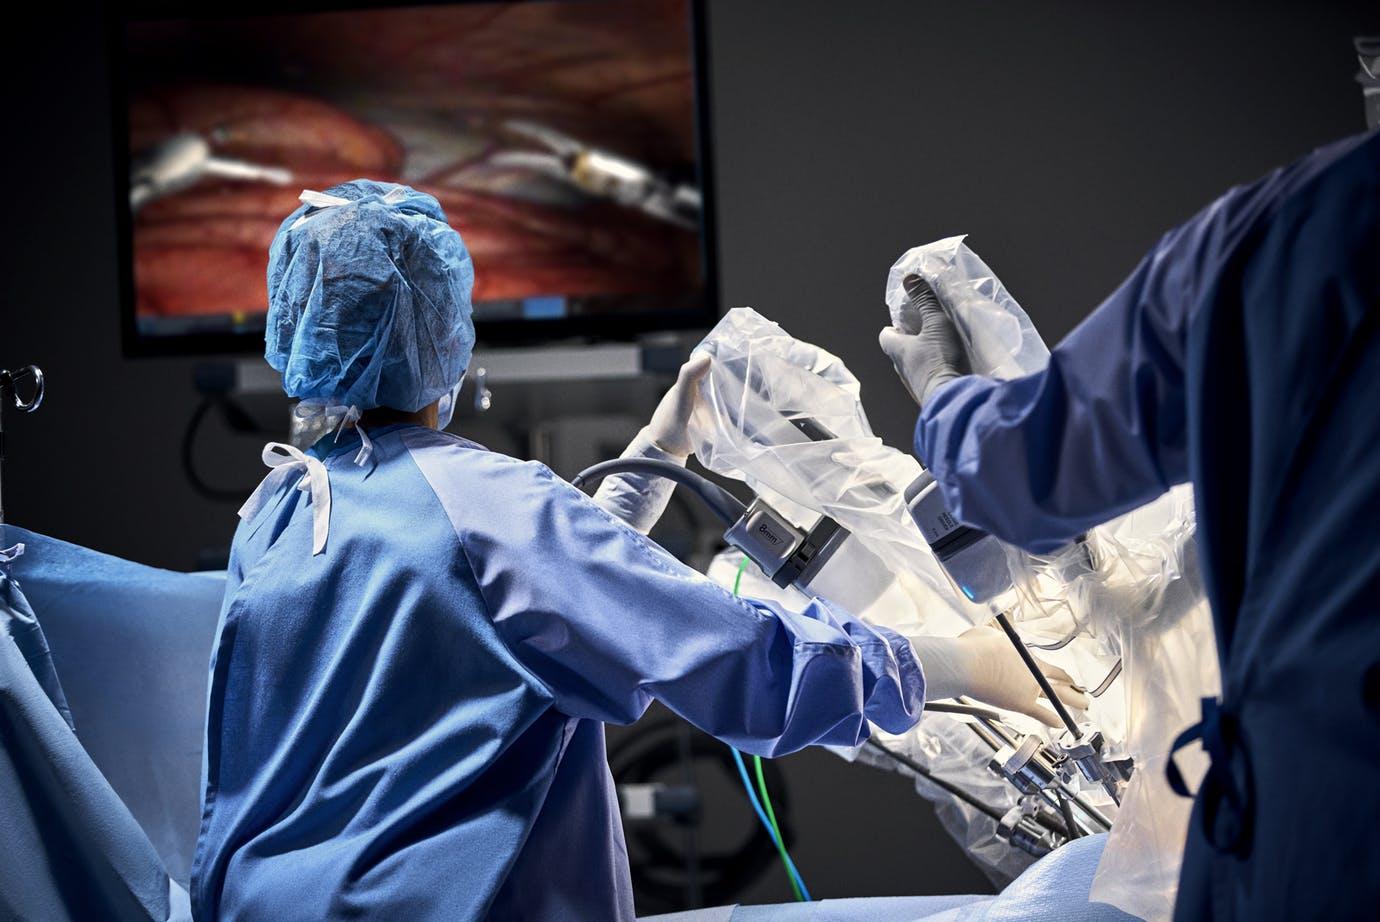 Cirurgia Robótica – Uma Realidade no IUP